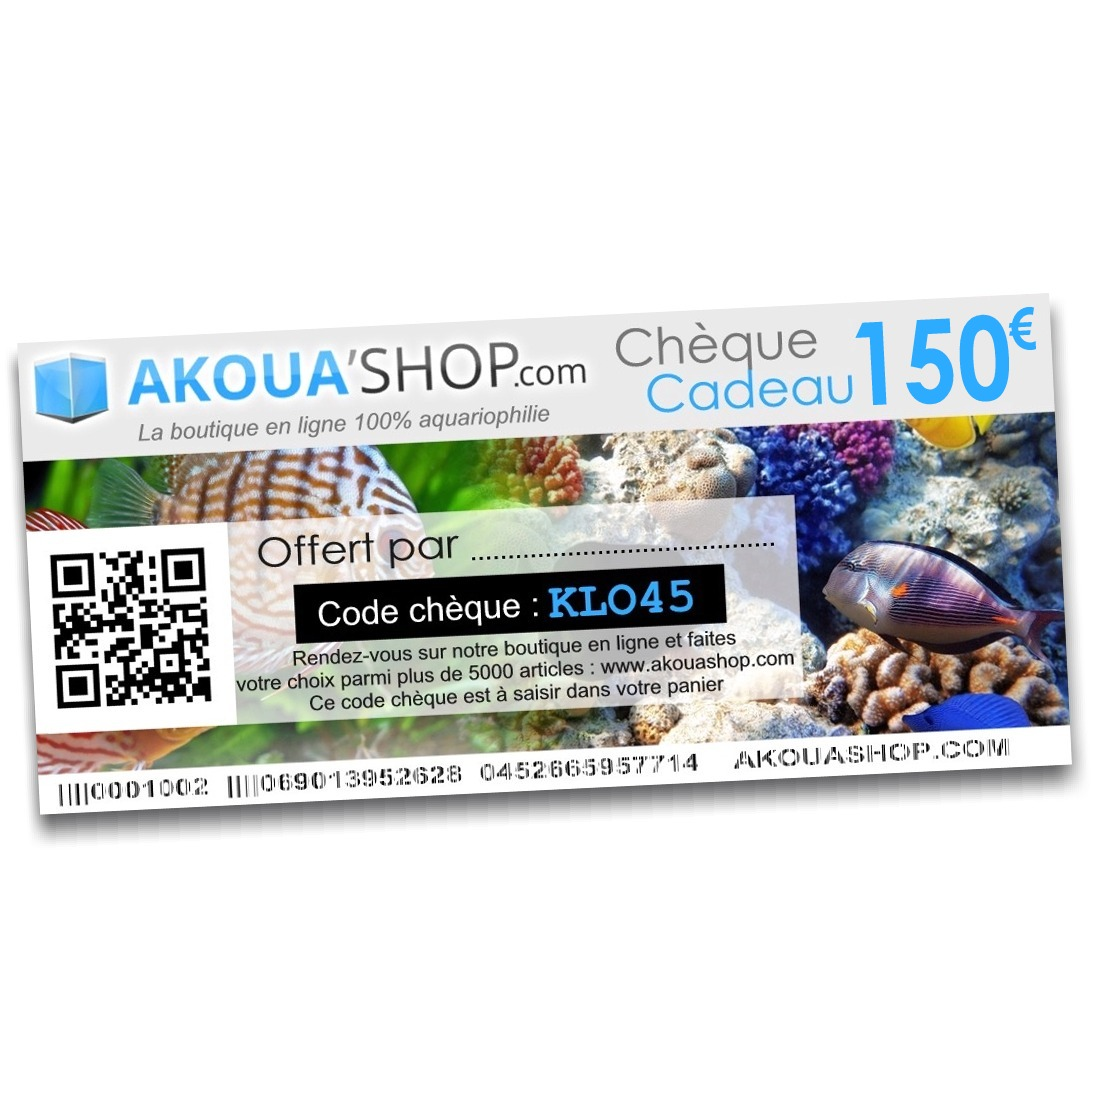 Chèque Cadeau2014-150